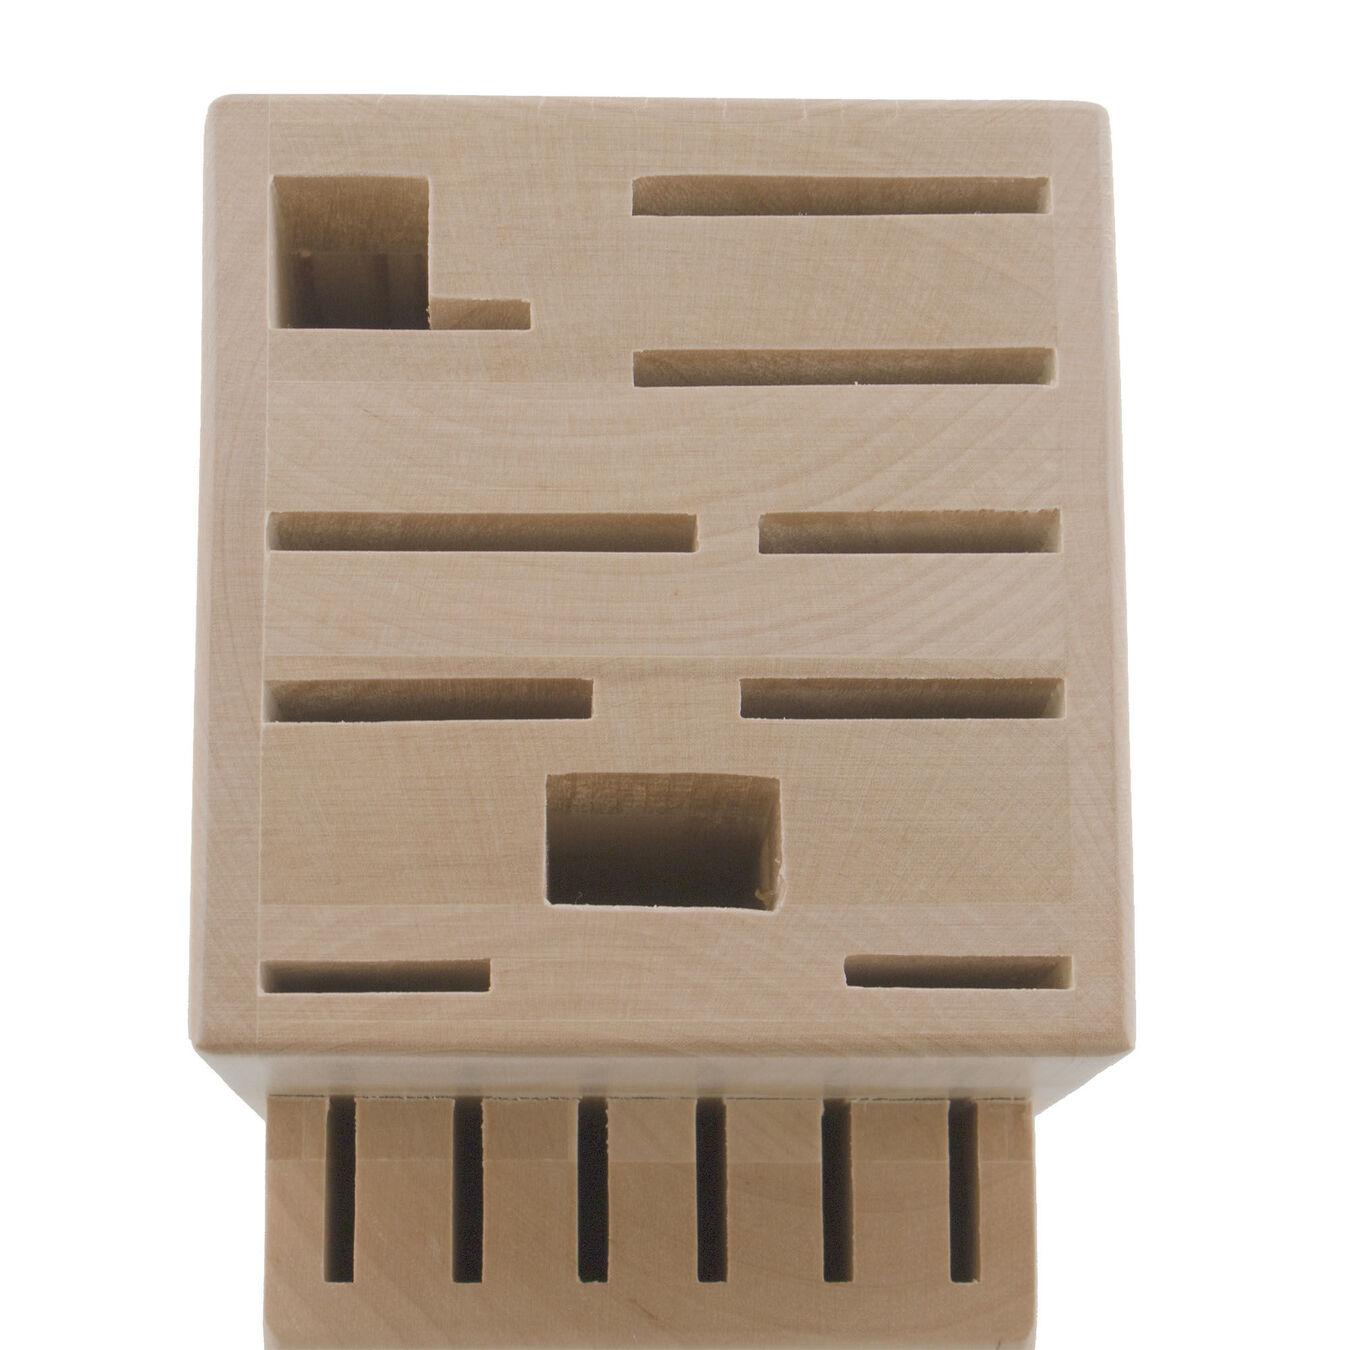 Birchwood Natural 16-slot block,,large 3